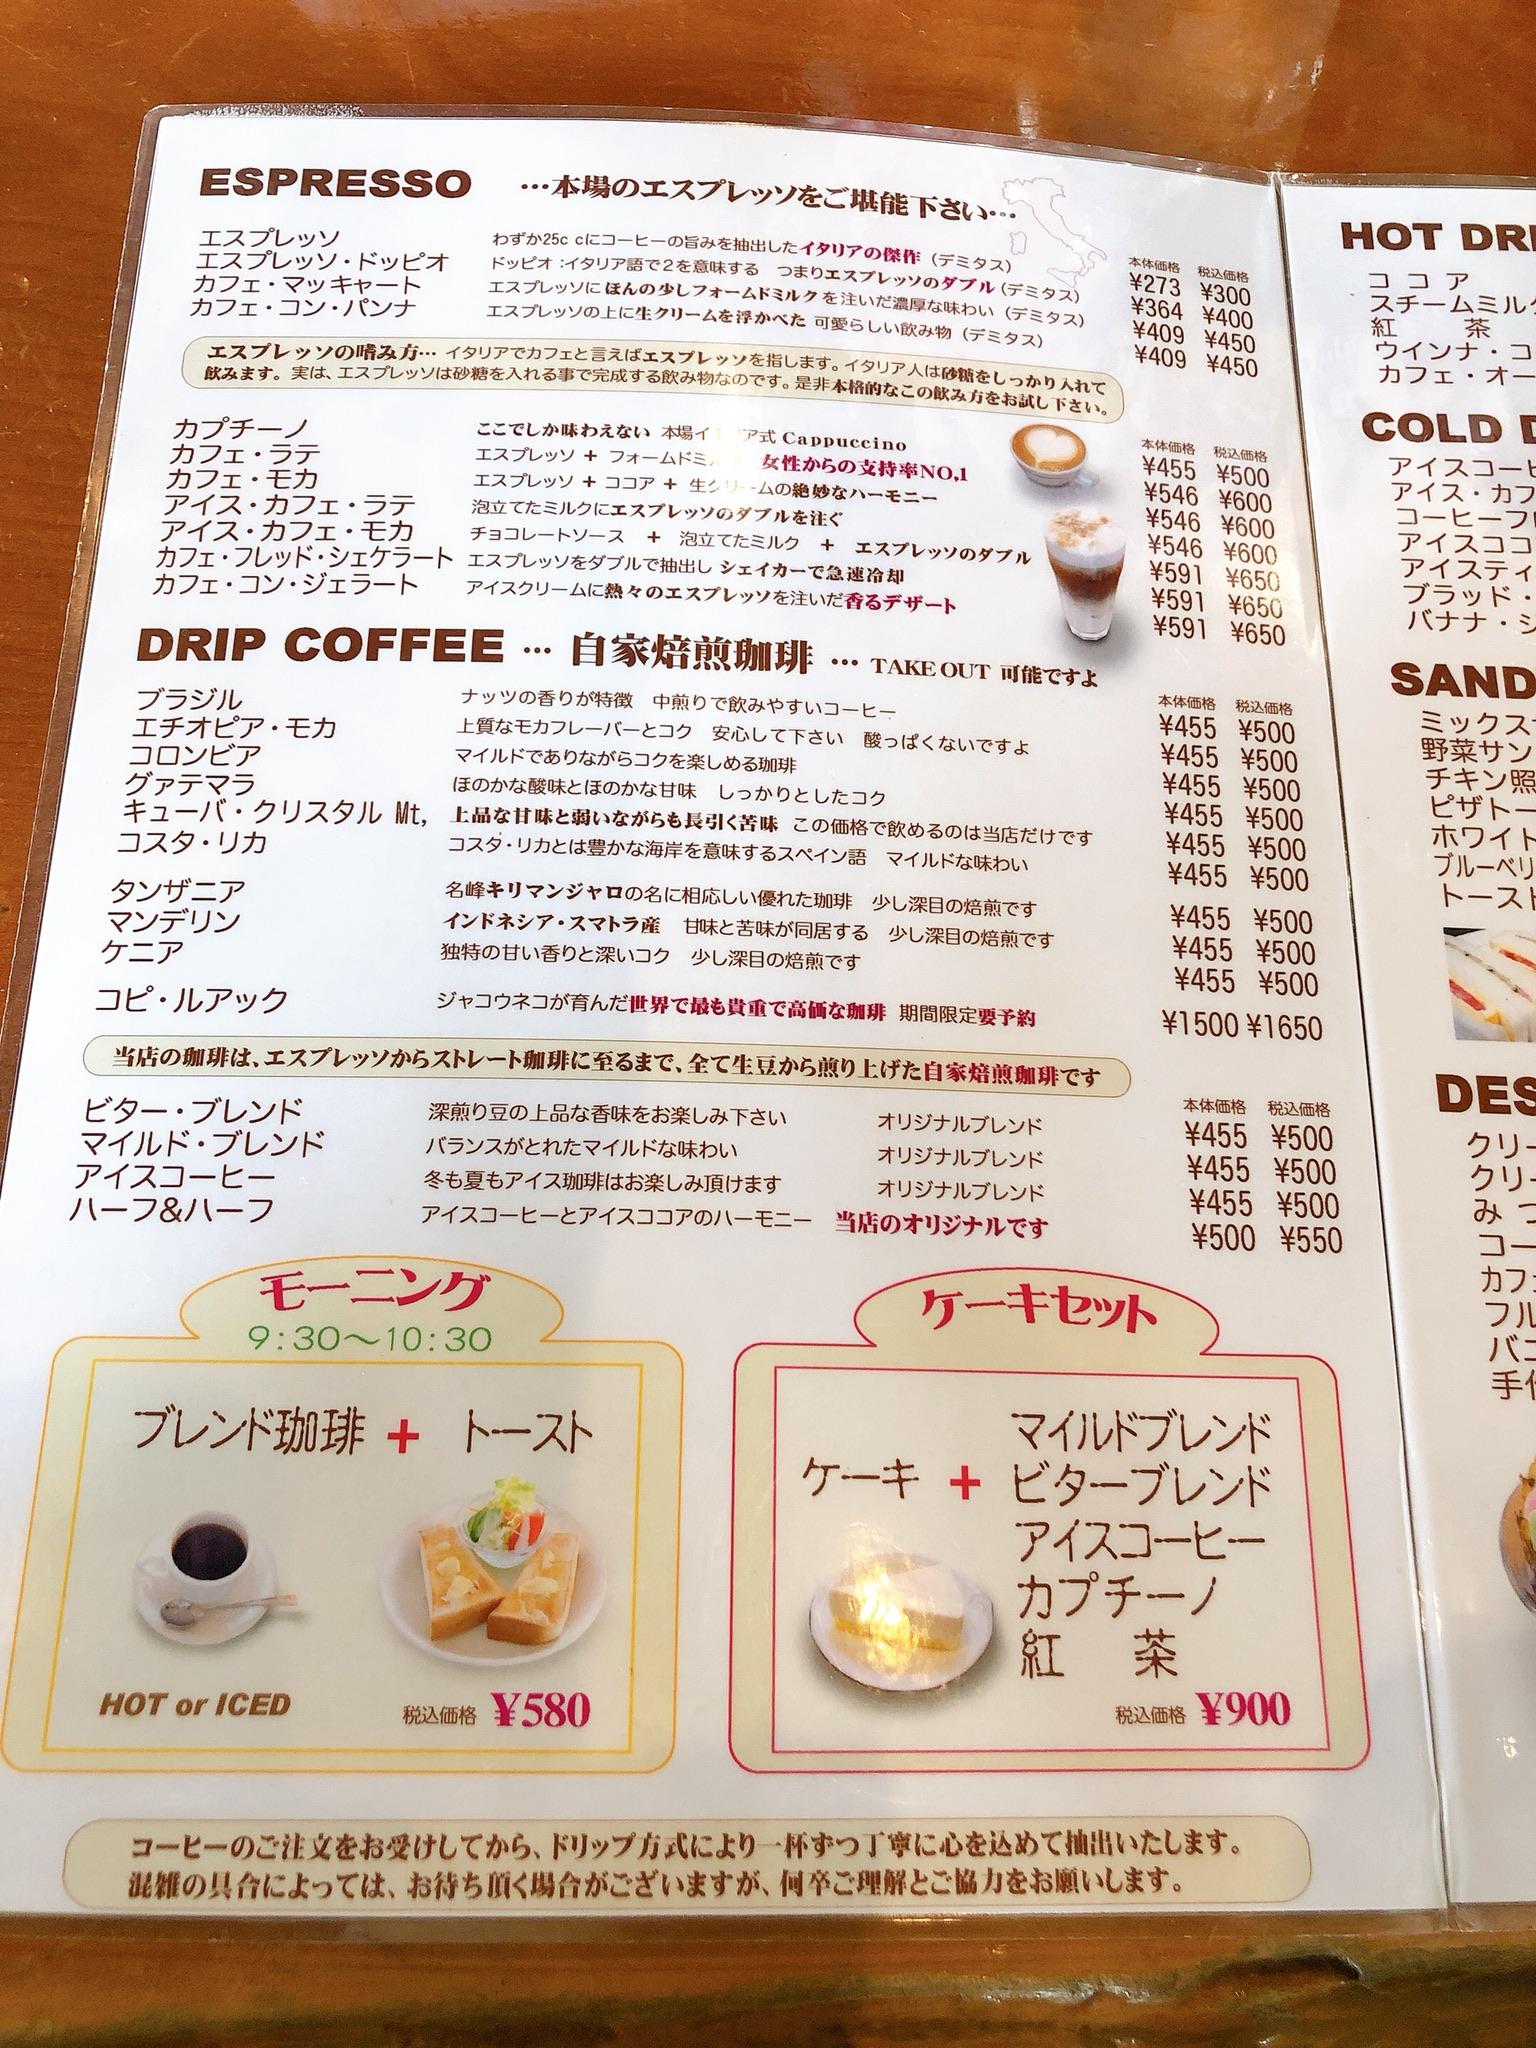 【#静岡カフェ】こだわり自家焙煎本格派コーヒーとふわふわ生キャラメルシフォンケーキが美味♡_3